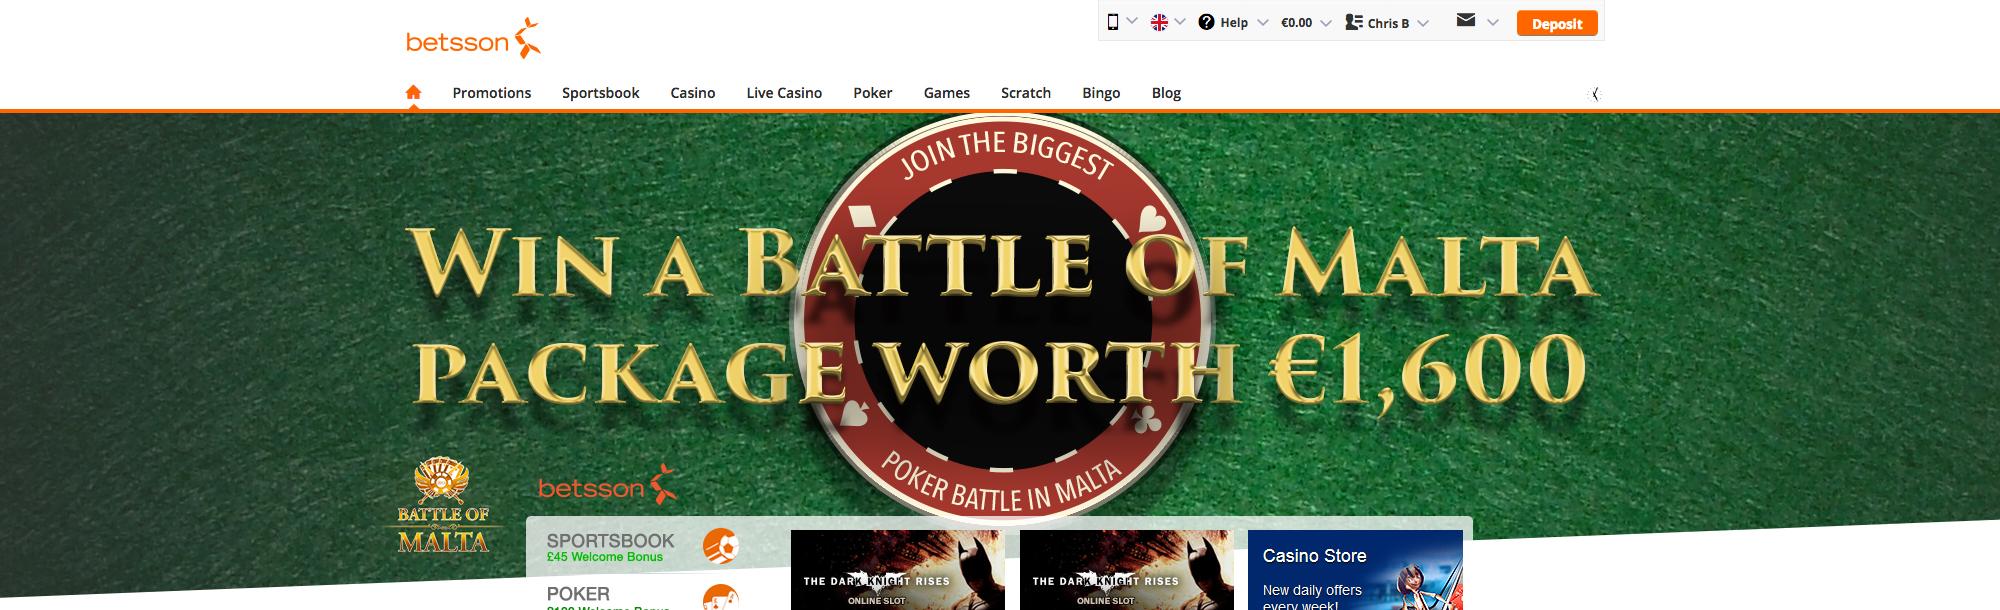 battle_of_malta